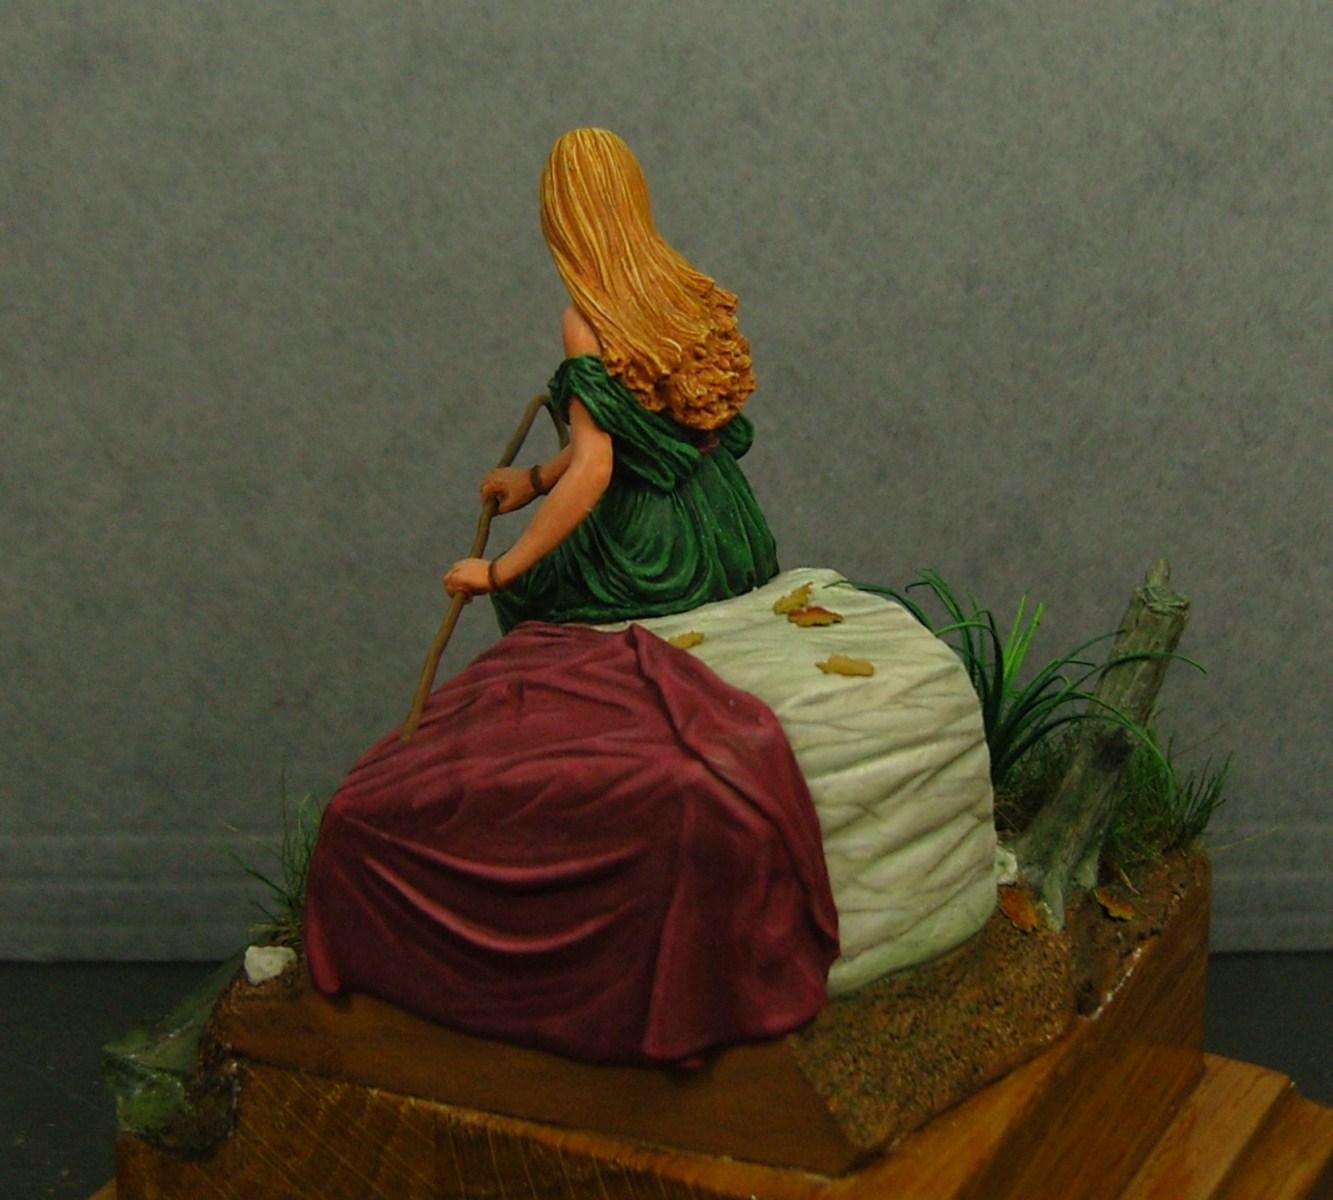 déesse grecque (Historic Art) - Page 2 120201014159699799377602